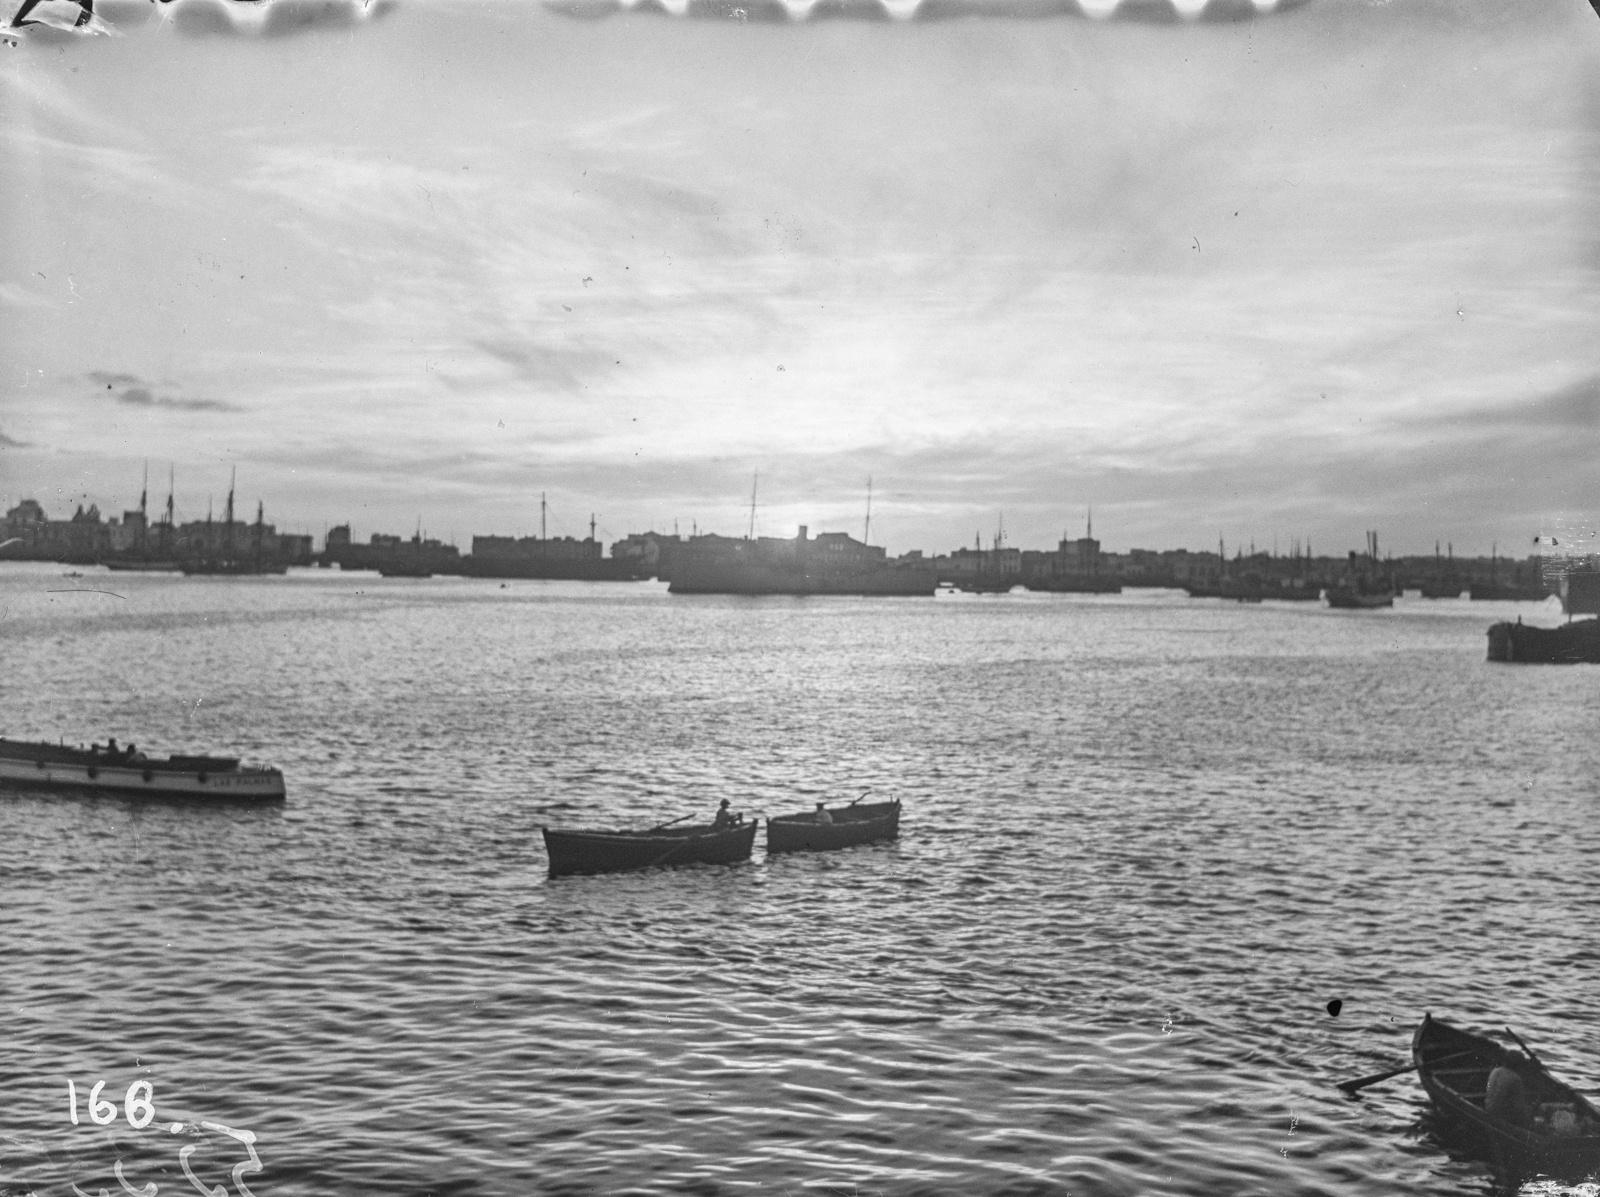 Юго-Западная А́фрика. Свакопмунд. Вид на гавань с лодками